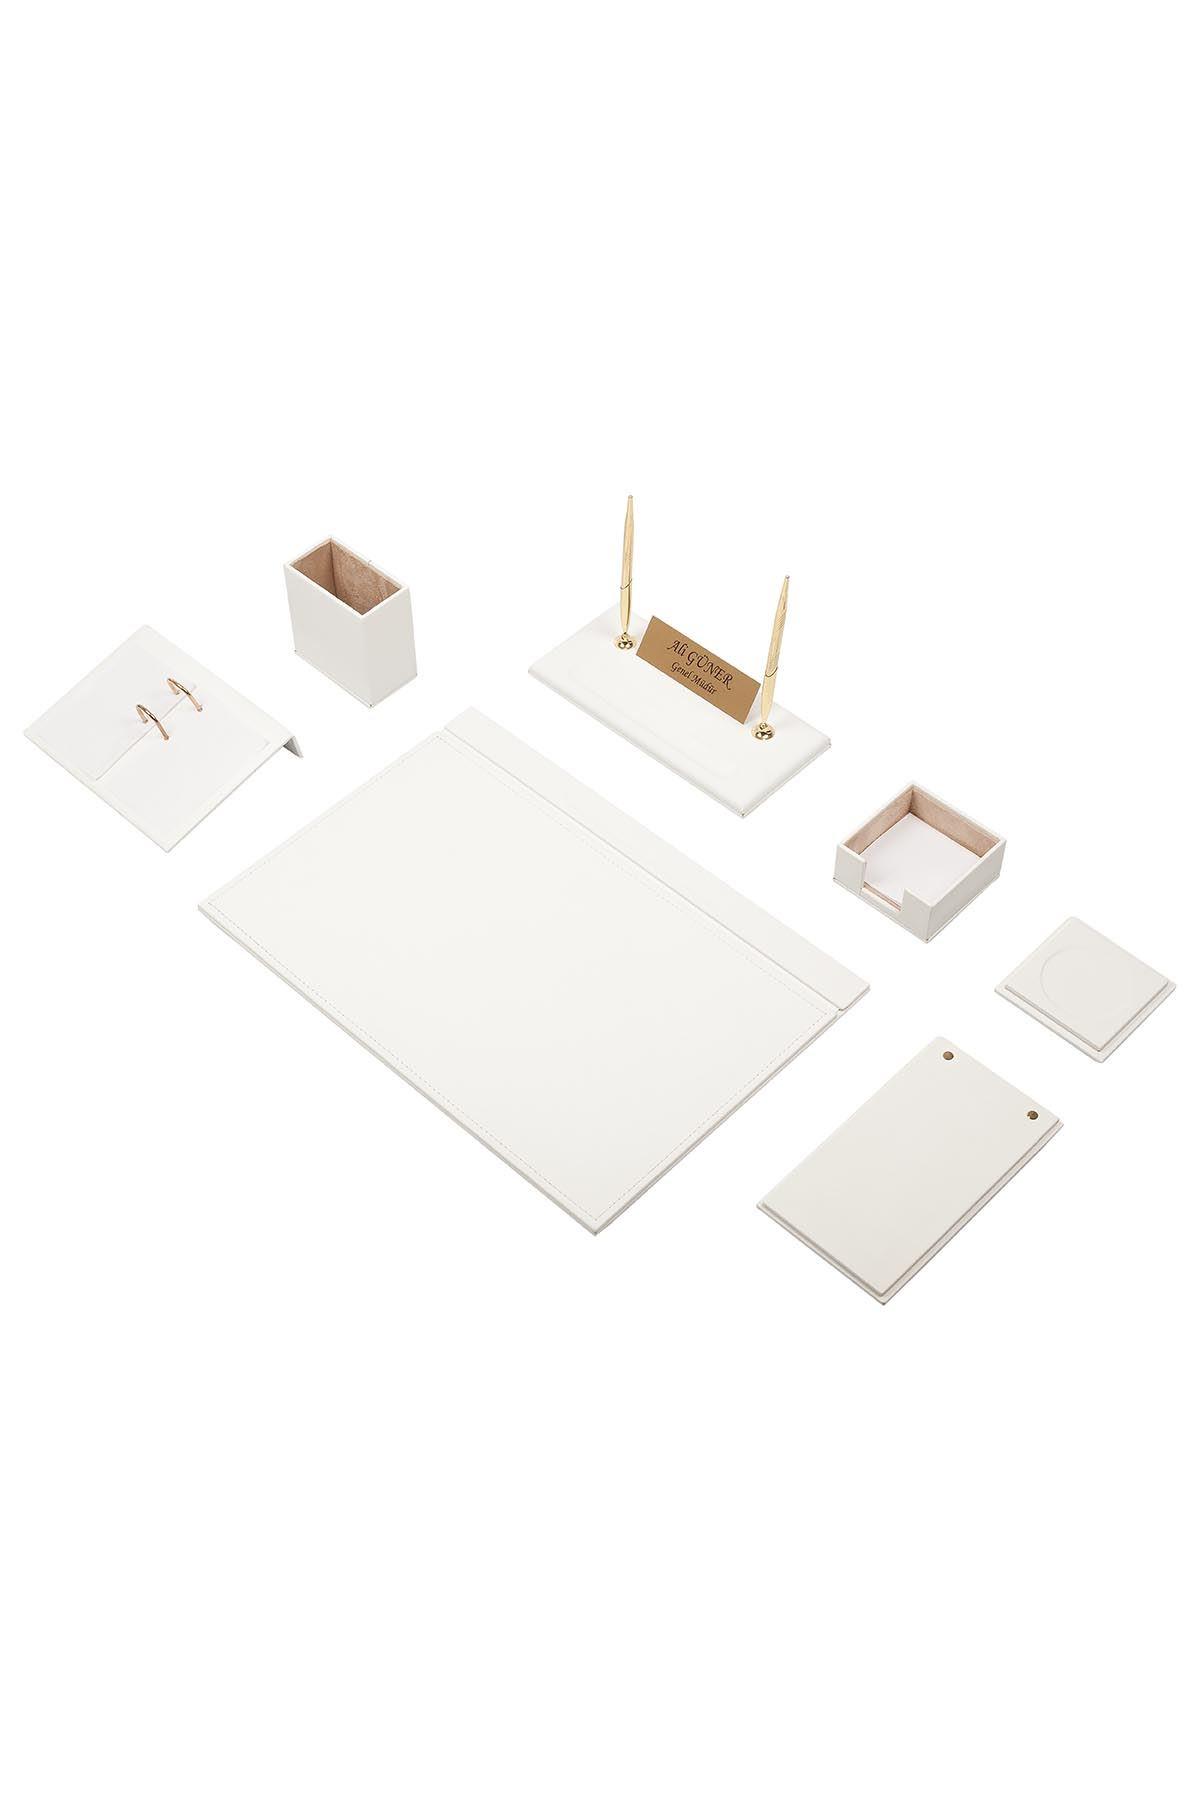 Leather Desk Set 9 Accessories White